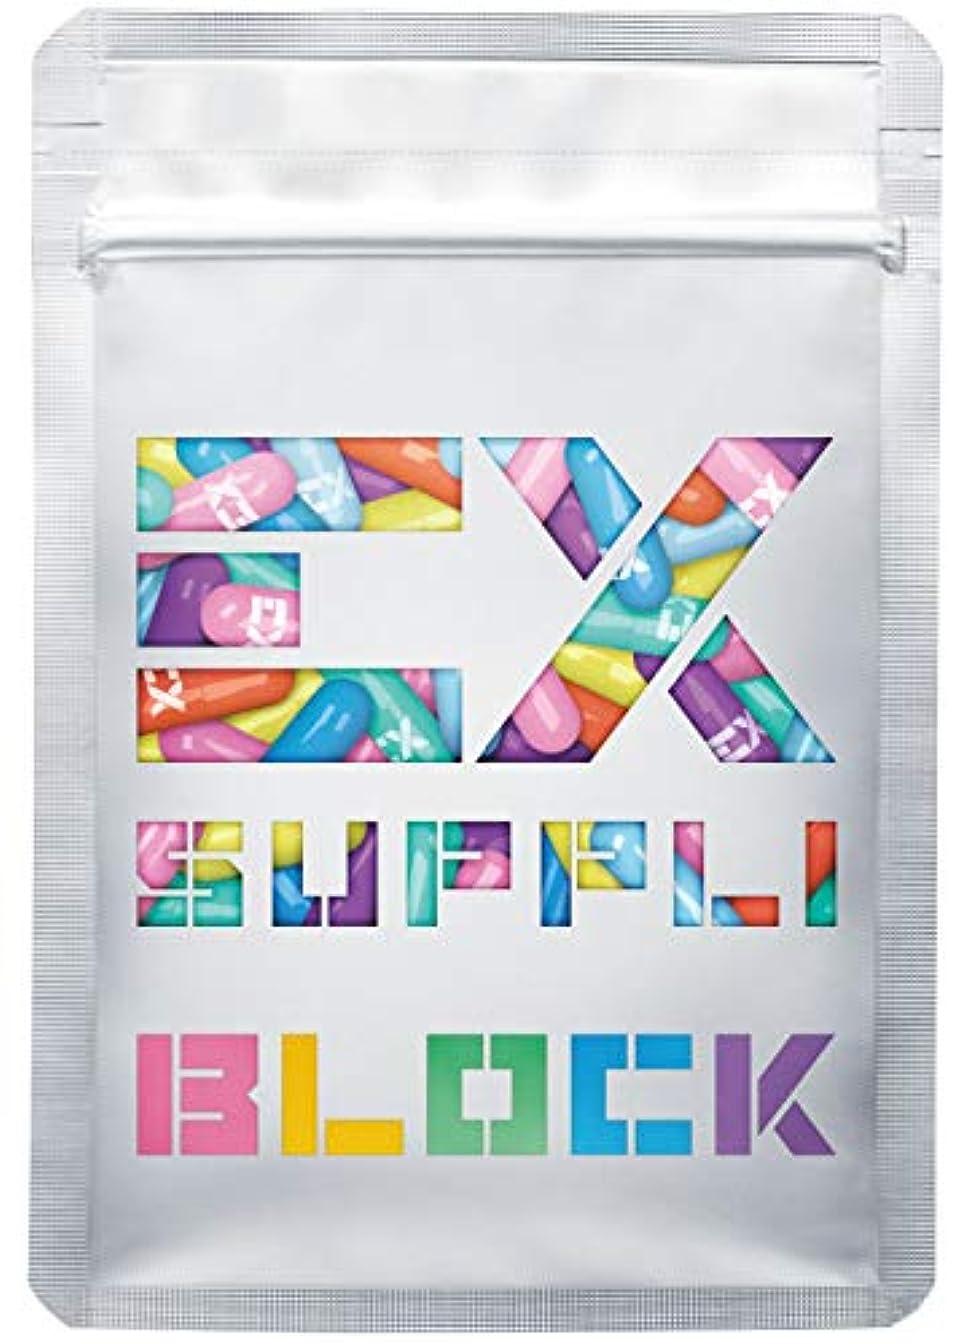 の間で遺伝子南アメリカEX SUPPLI BLOCK カロリーサポートサプリ 120粒【30日分】(ダイエット エクスサプリ EXSUPPLI)